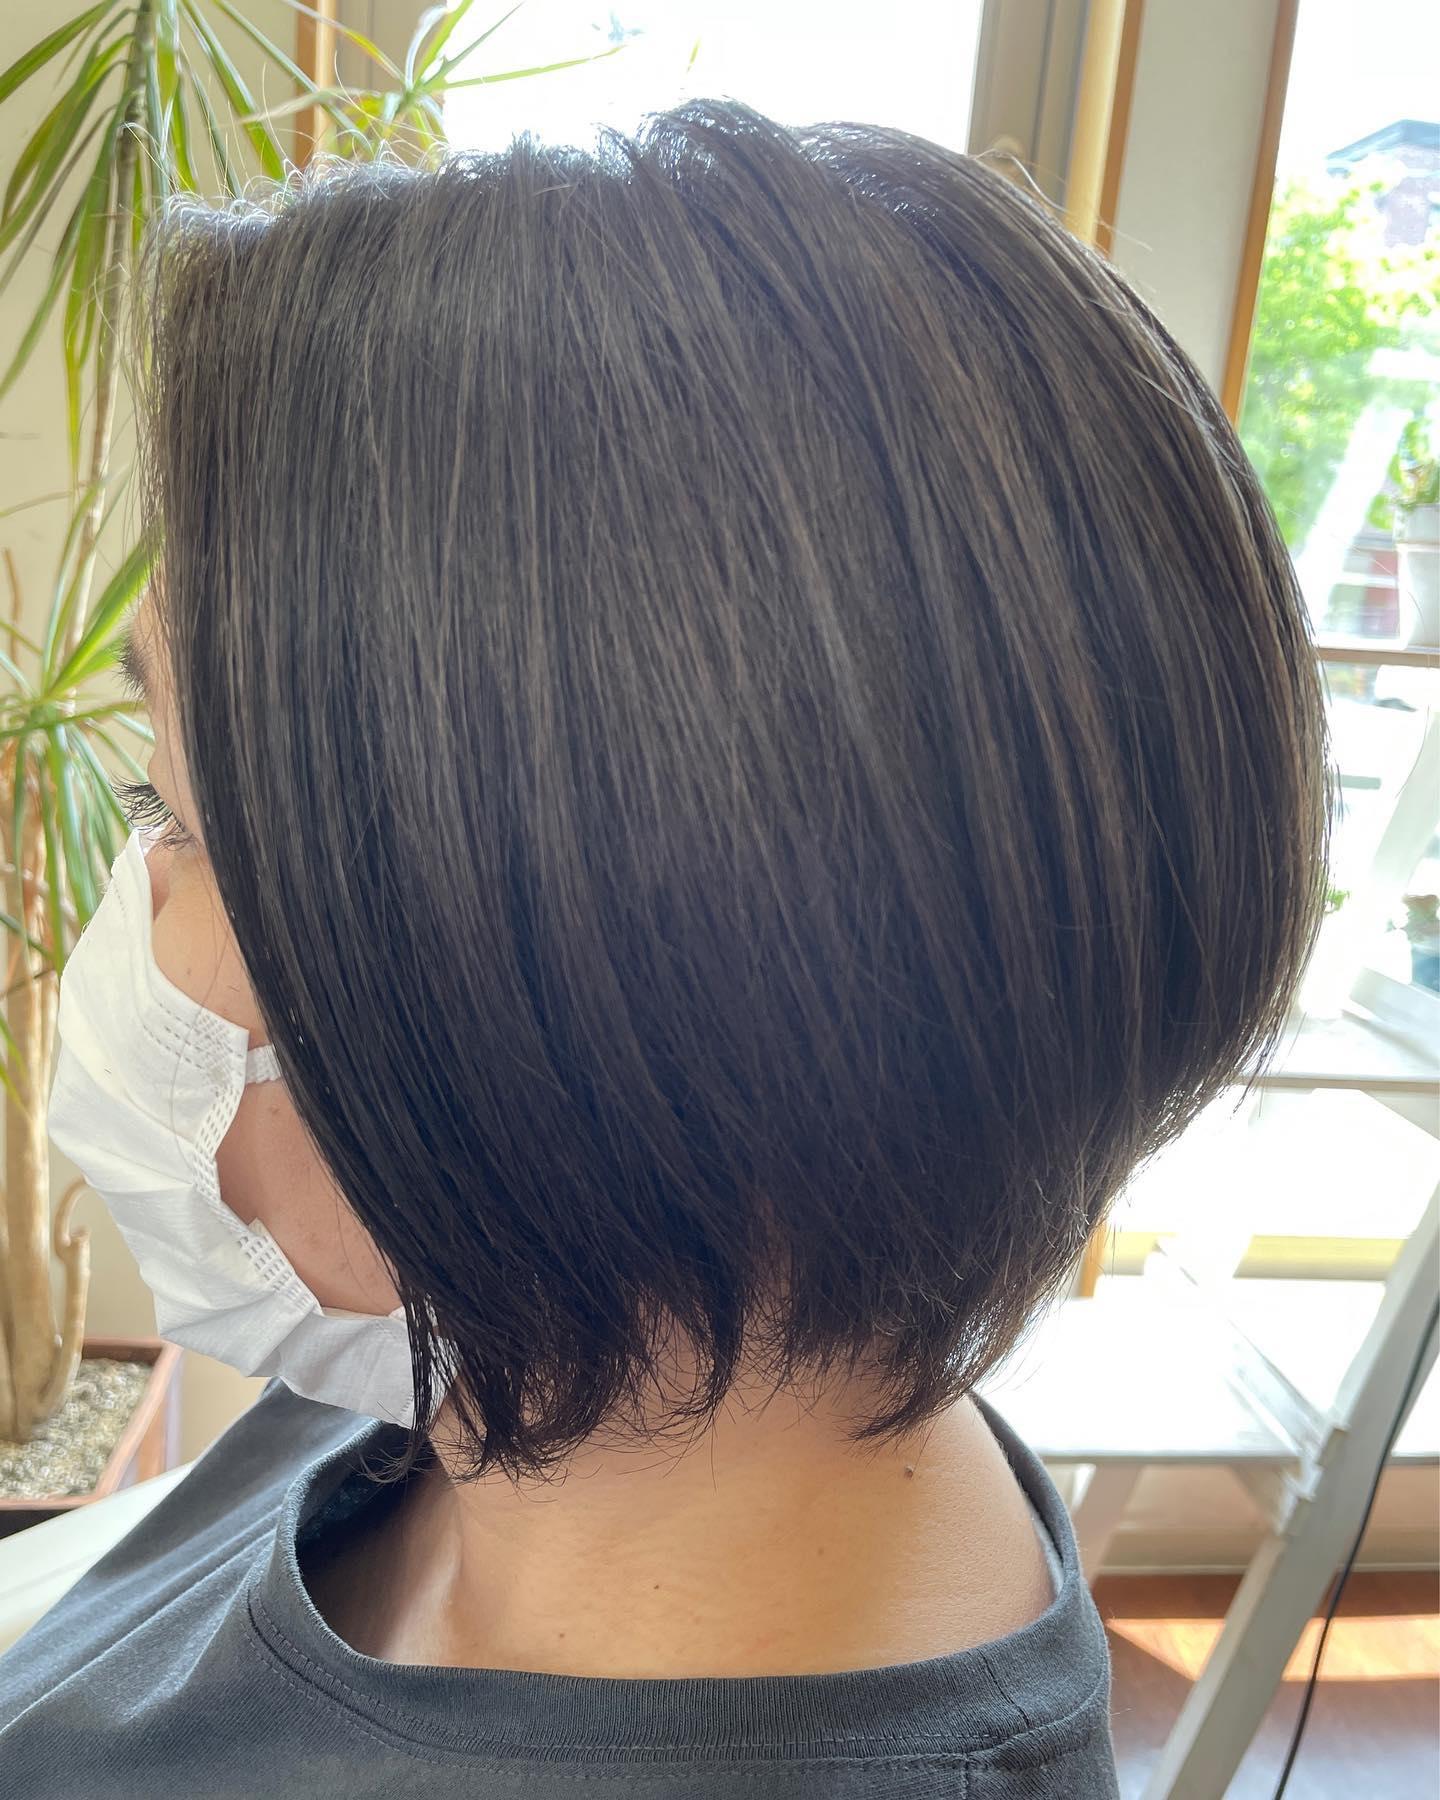 50%のグレーヘア涼しげなオーシャングレーにいつもお洒落なお客様のトップスとの相性もバッチリ自由自在のカラーバリエーションができるのはグレーヘアになったからこそです白髪をもっと楽しみましょう❣️